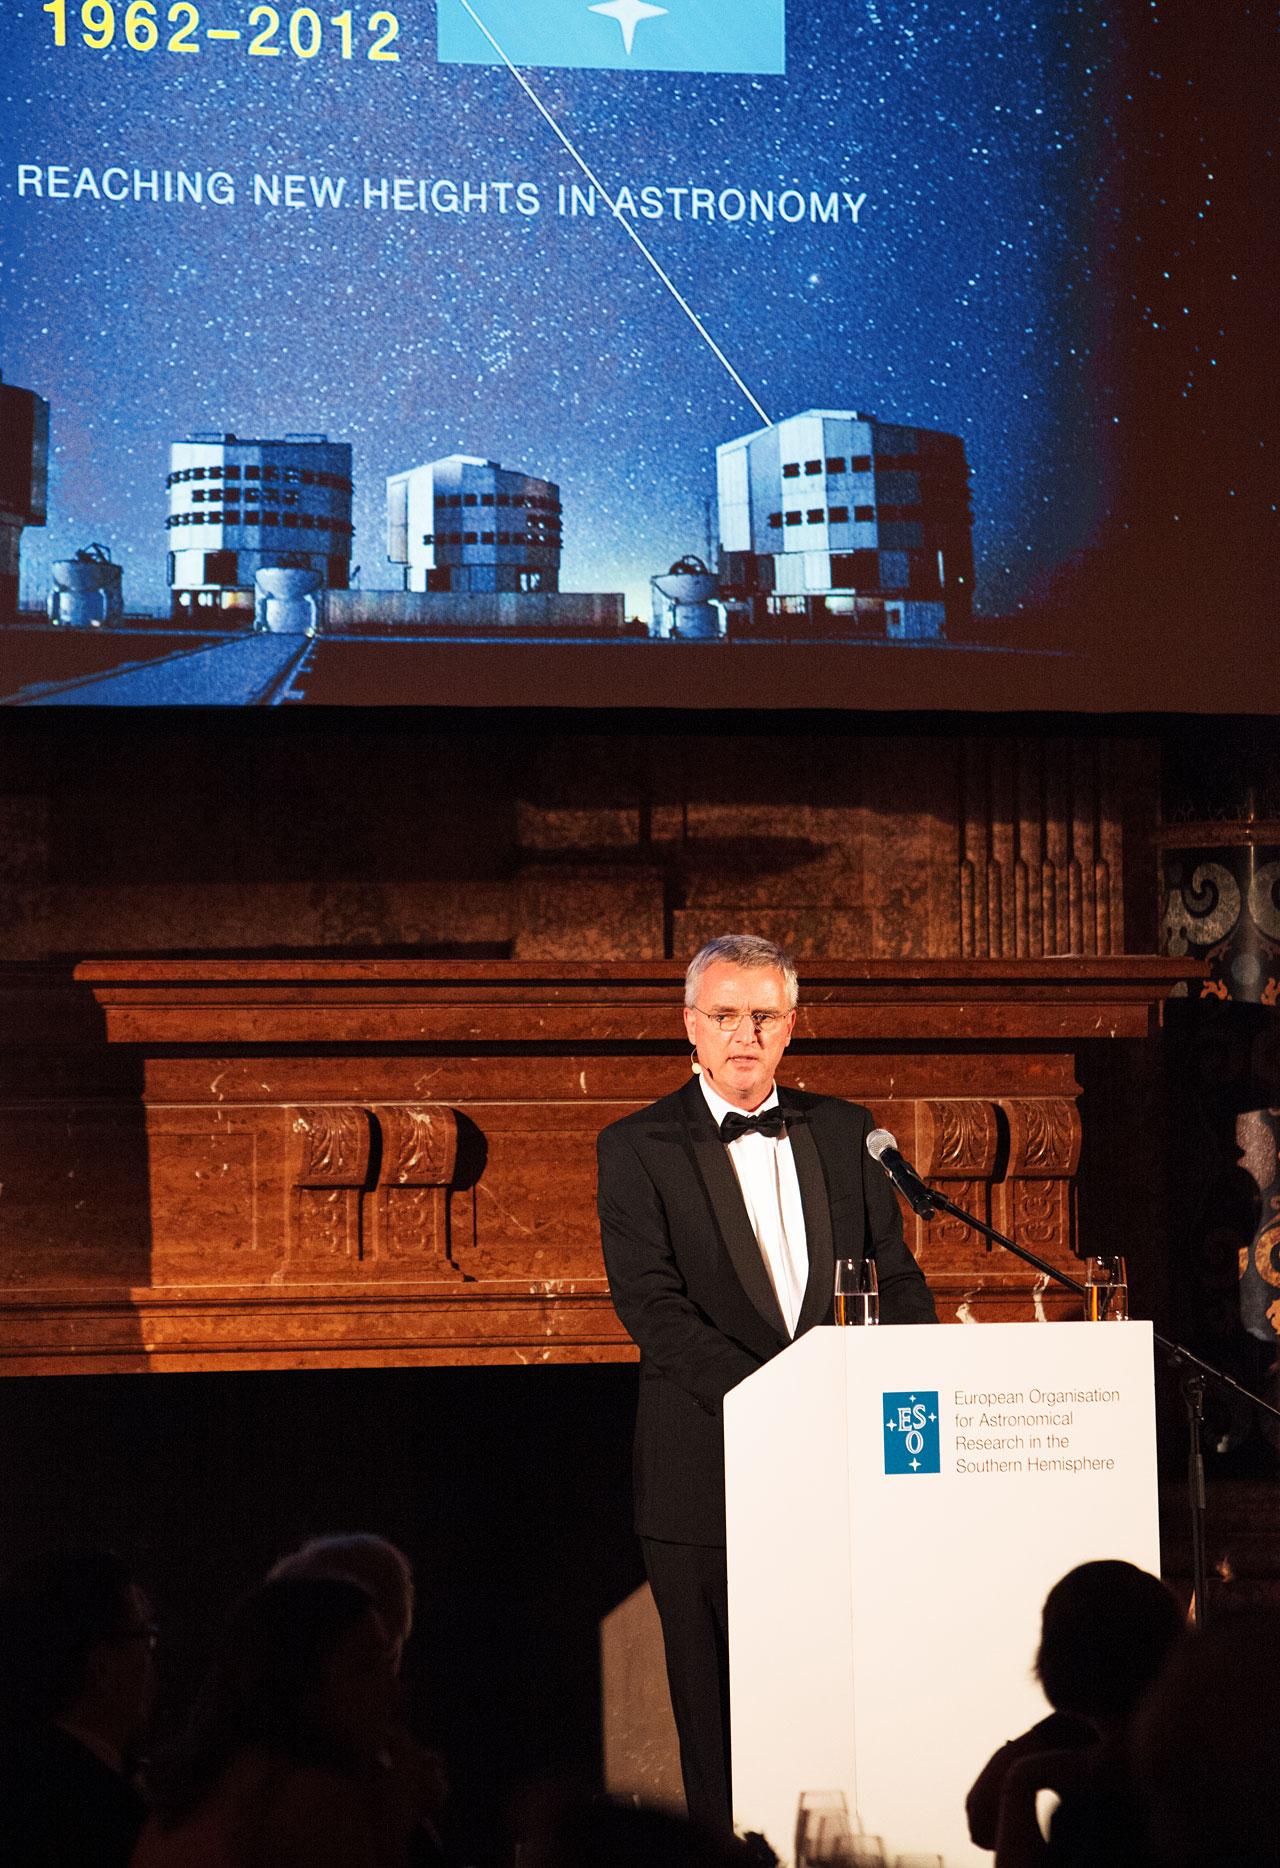 Tim de Zeeuw en la gala del 50 aniversario de ESO